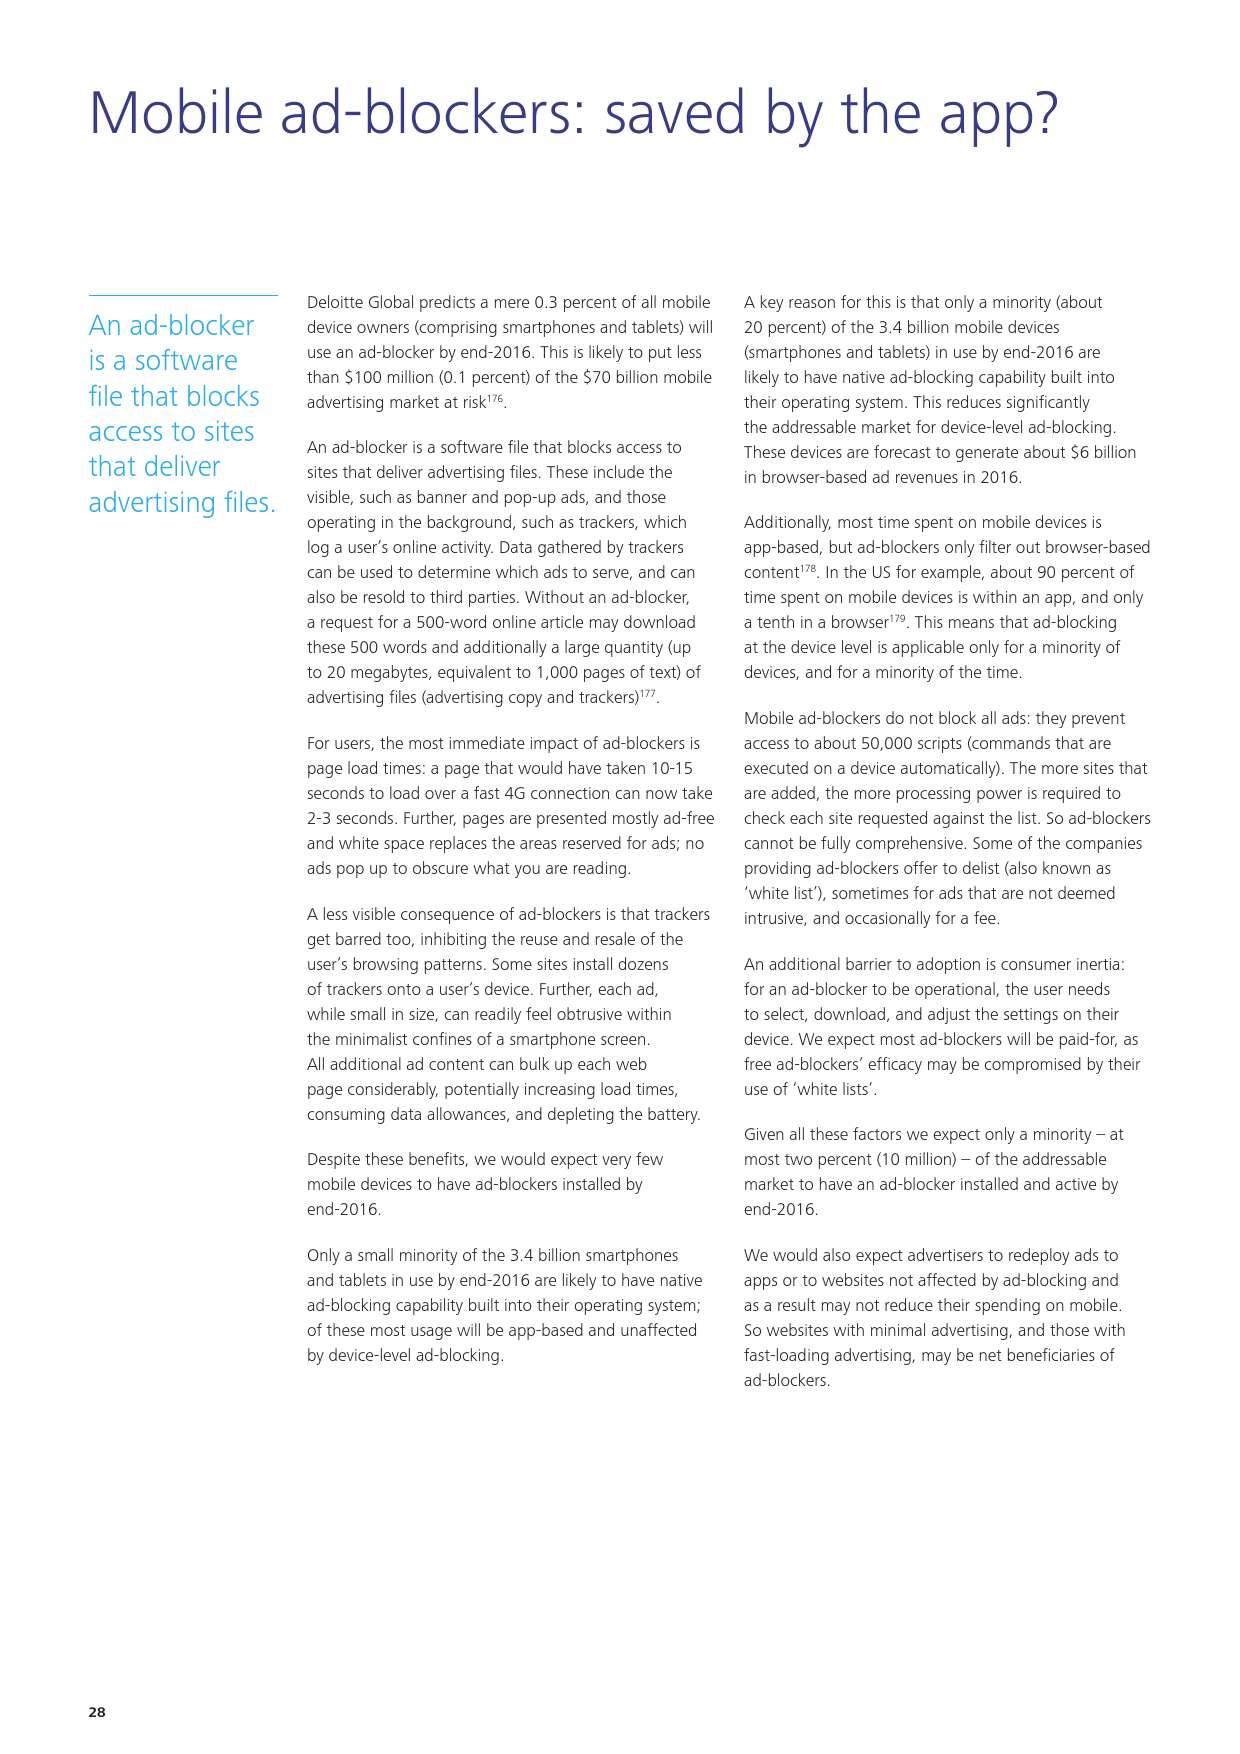 德勤:2016科技、传媒和电信行业预测_000030